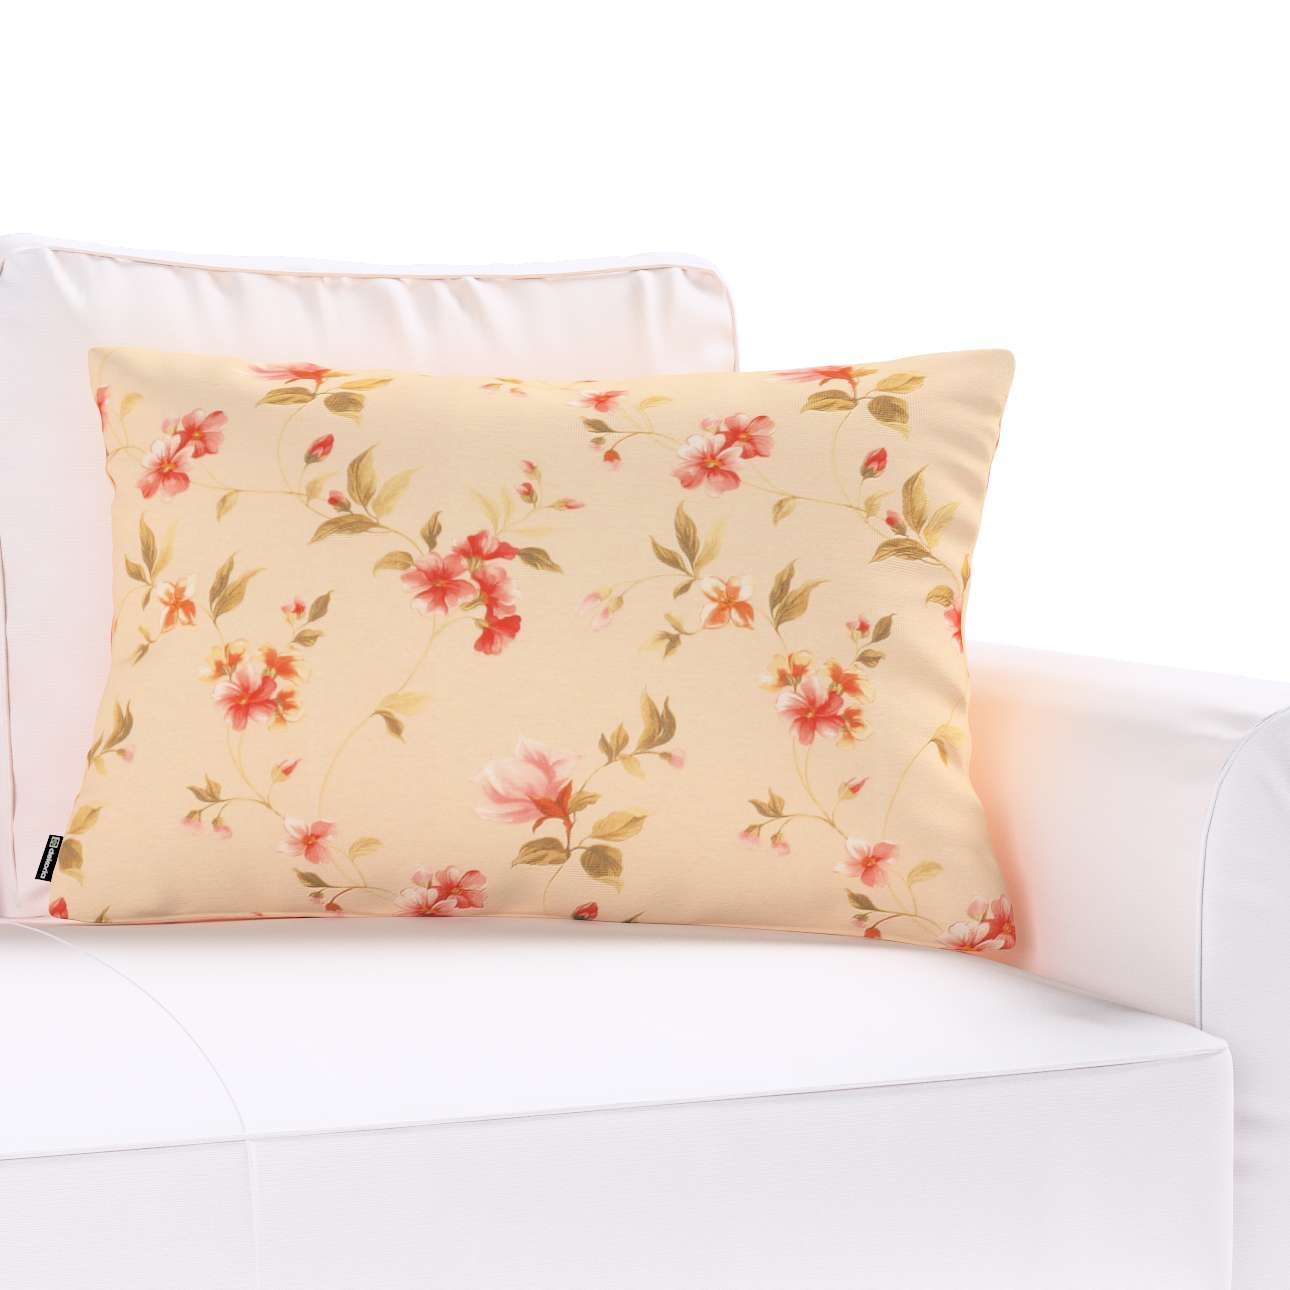 Poszewka Kinga na poduszkę prostokątną w kolekcji Londres, tkanina: 124-05